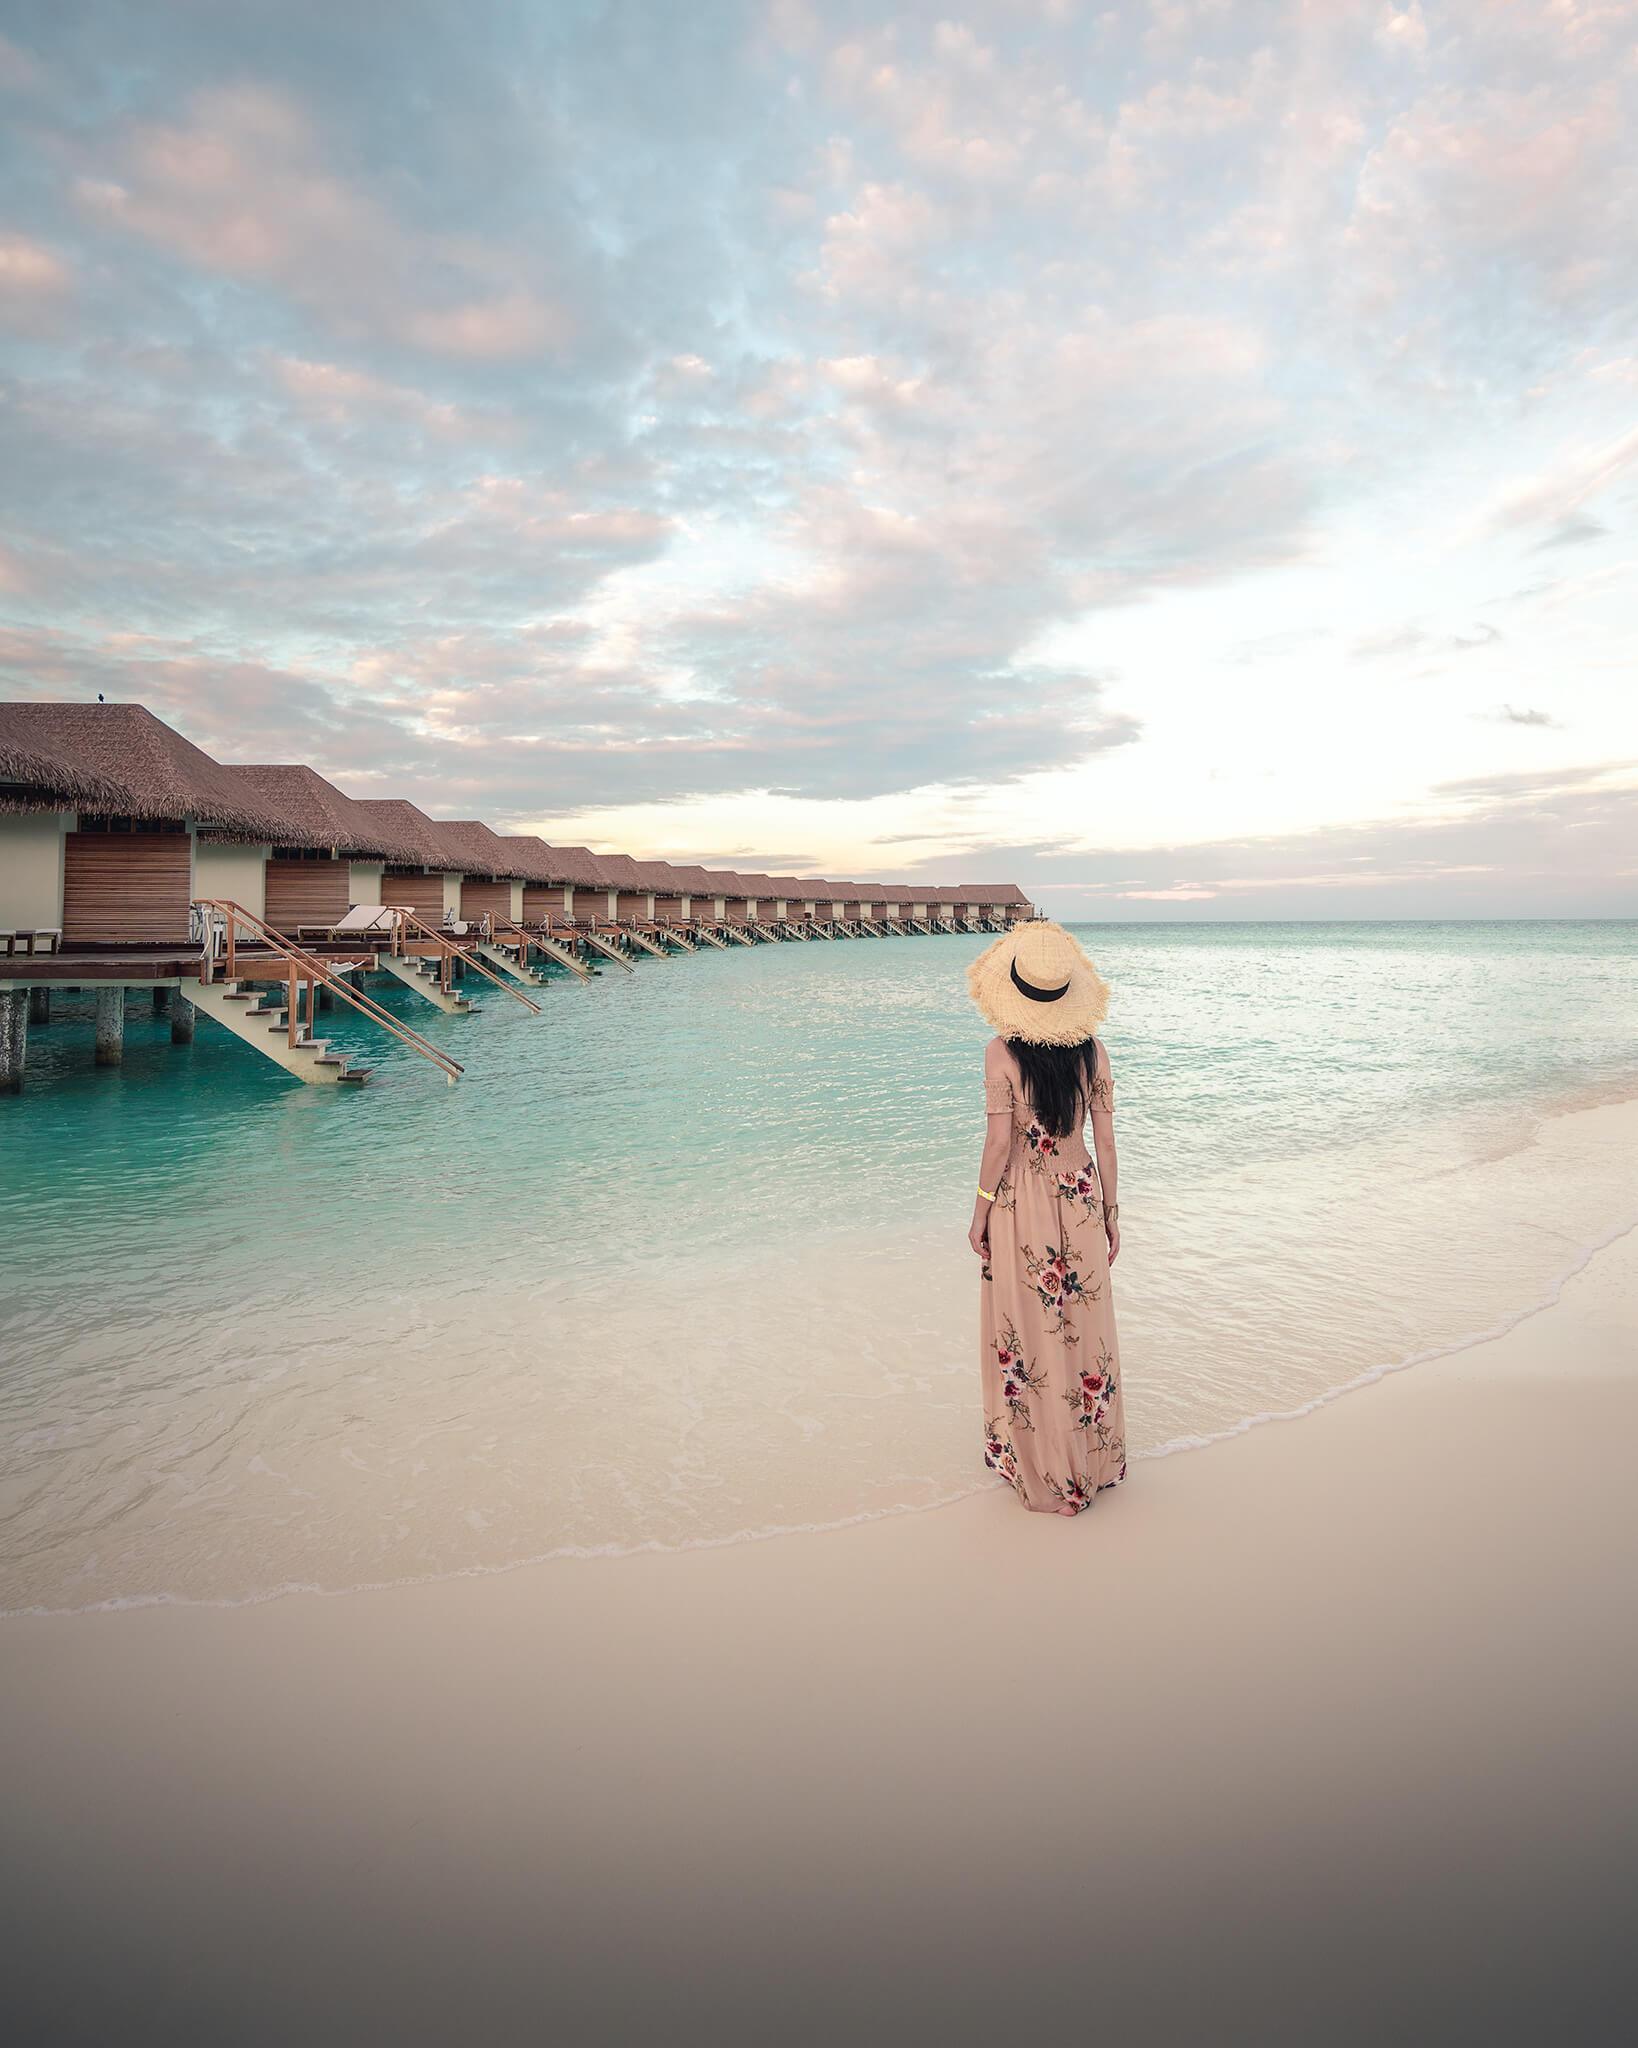 paradies-paradise-watervilla-overwatervilla-pool